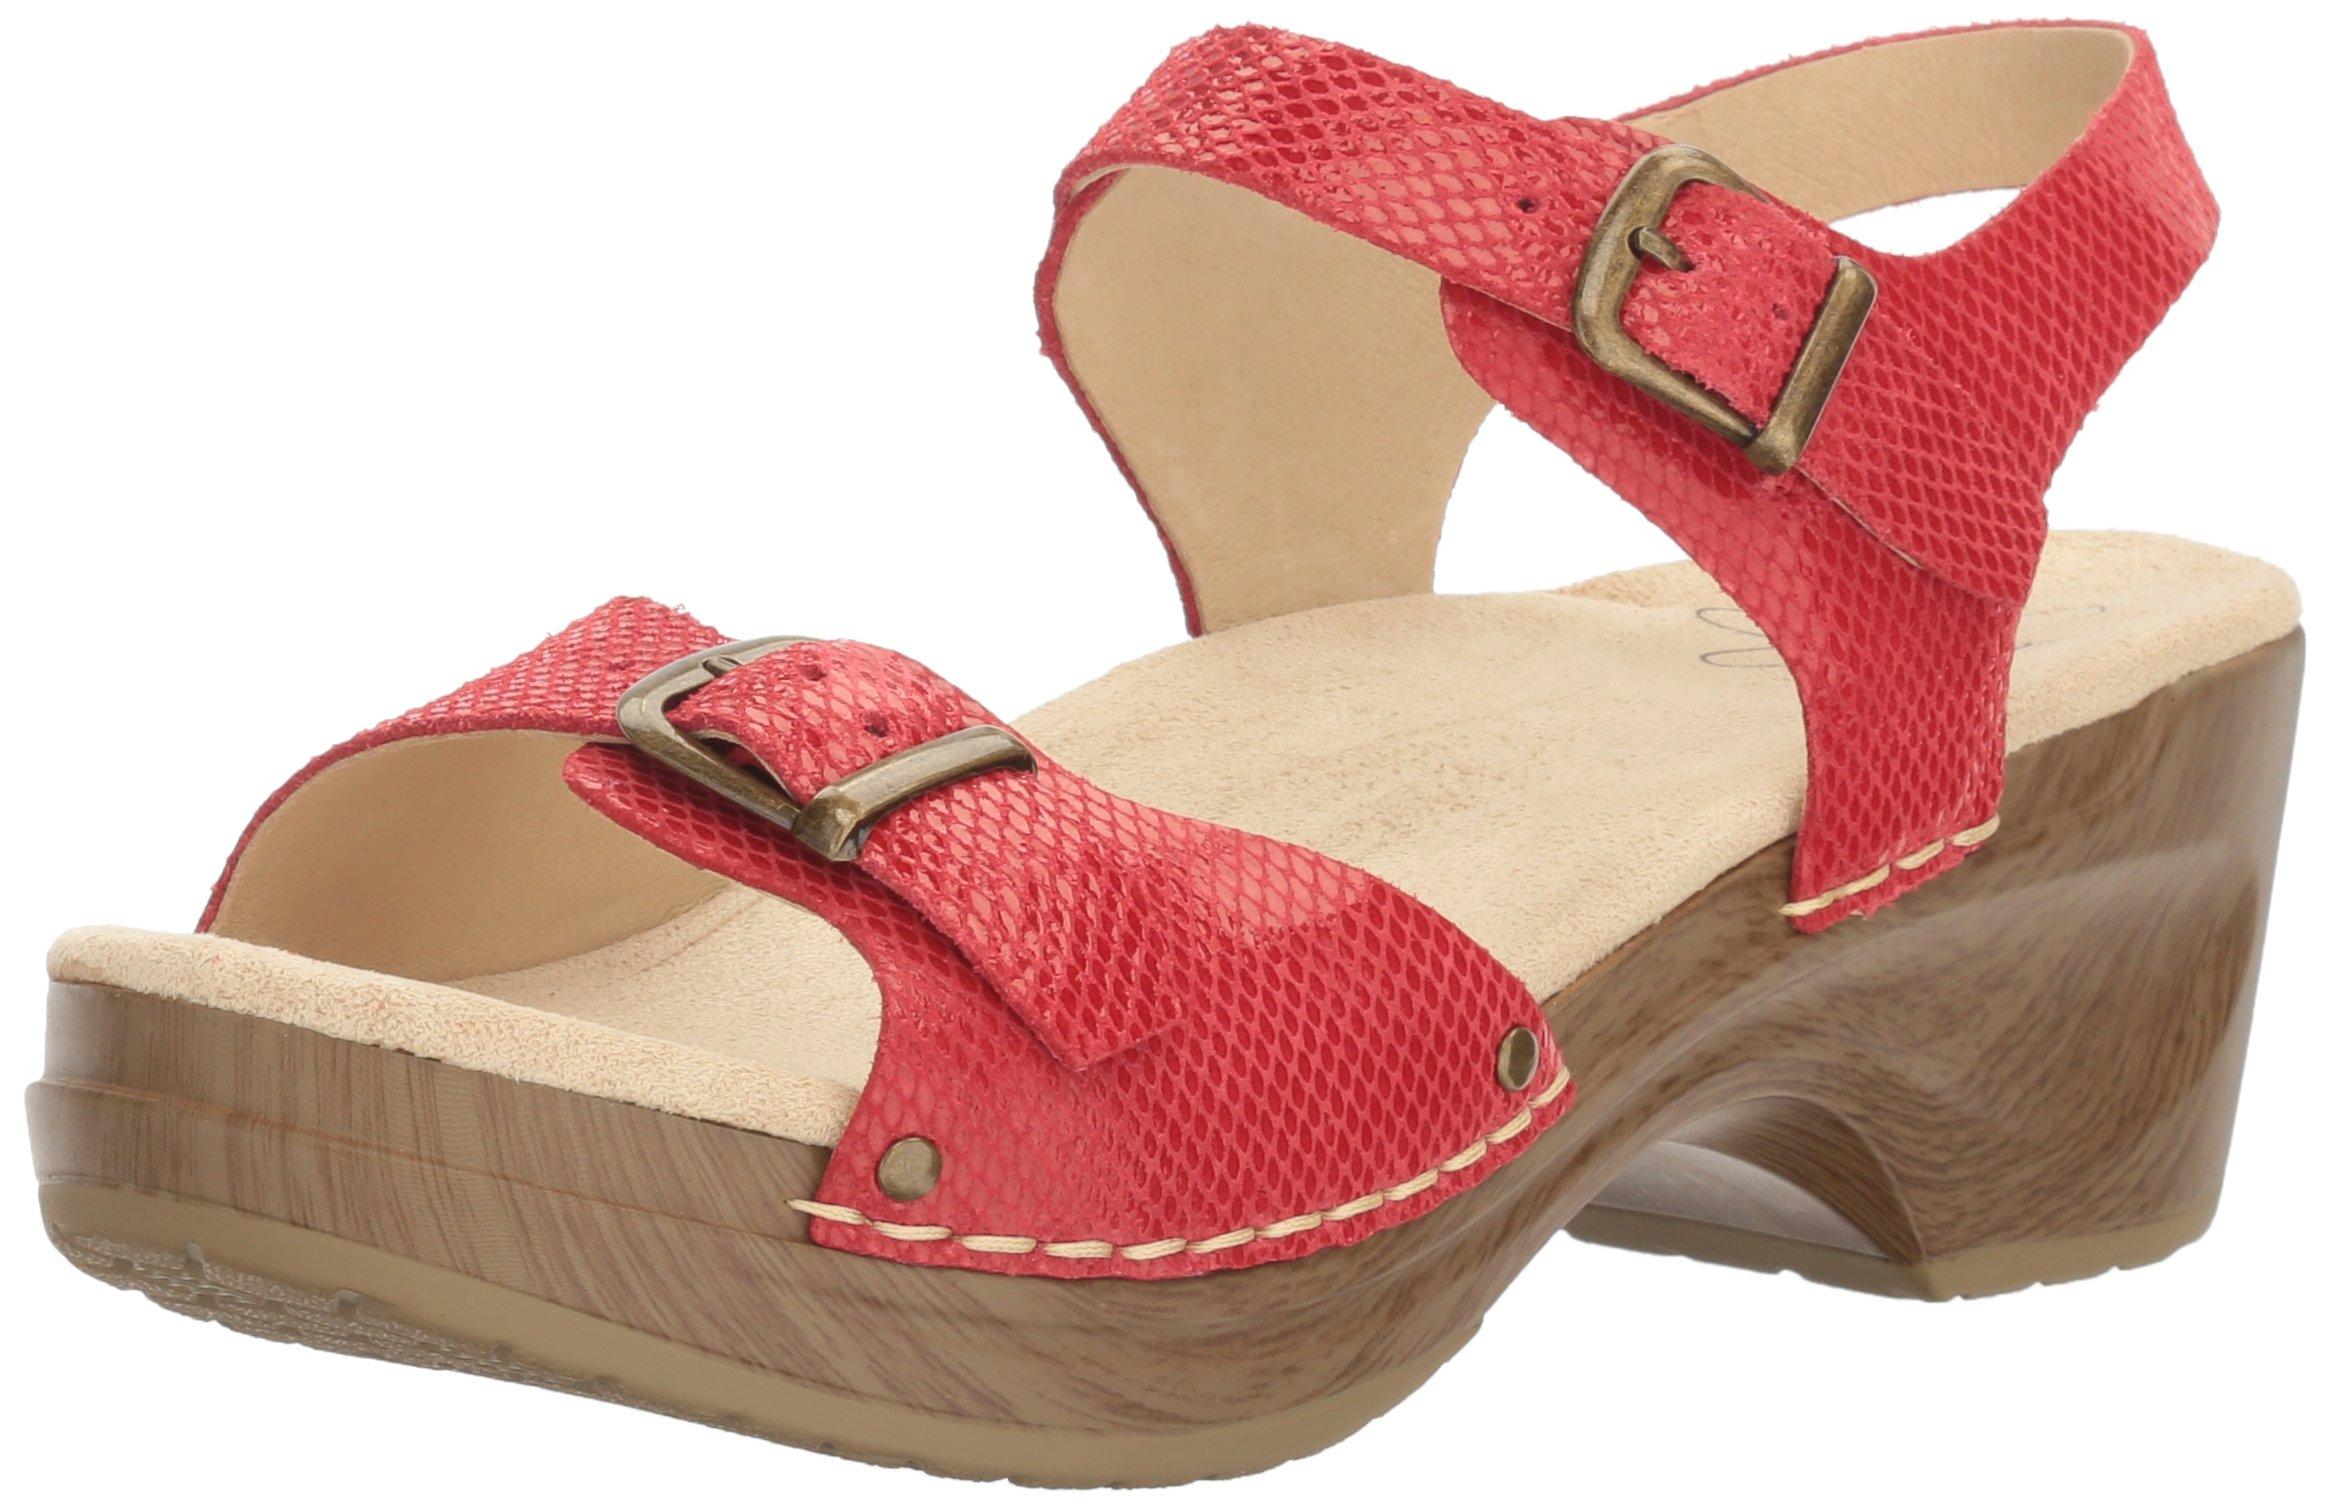 Sanita Women's Davia Platform Sandal, Red Snake, 39 EU/8/8.5 M US